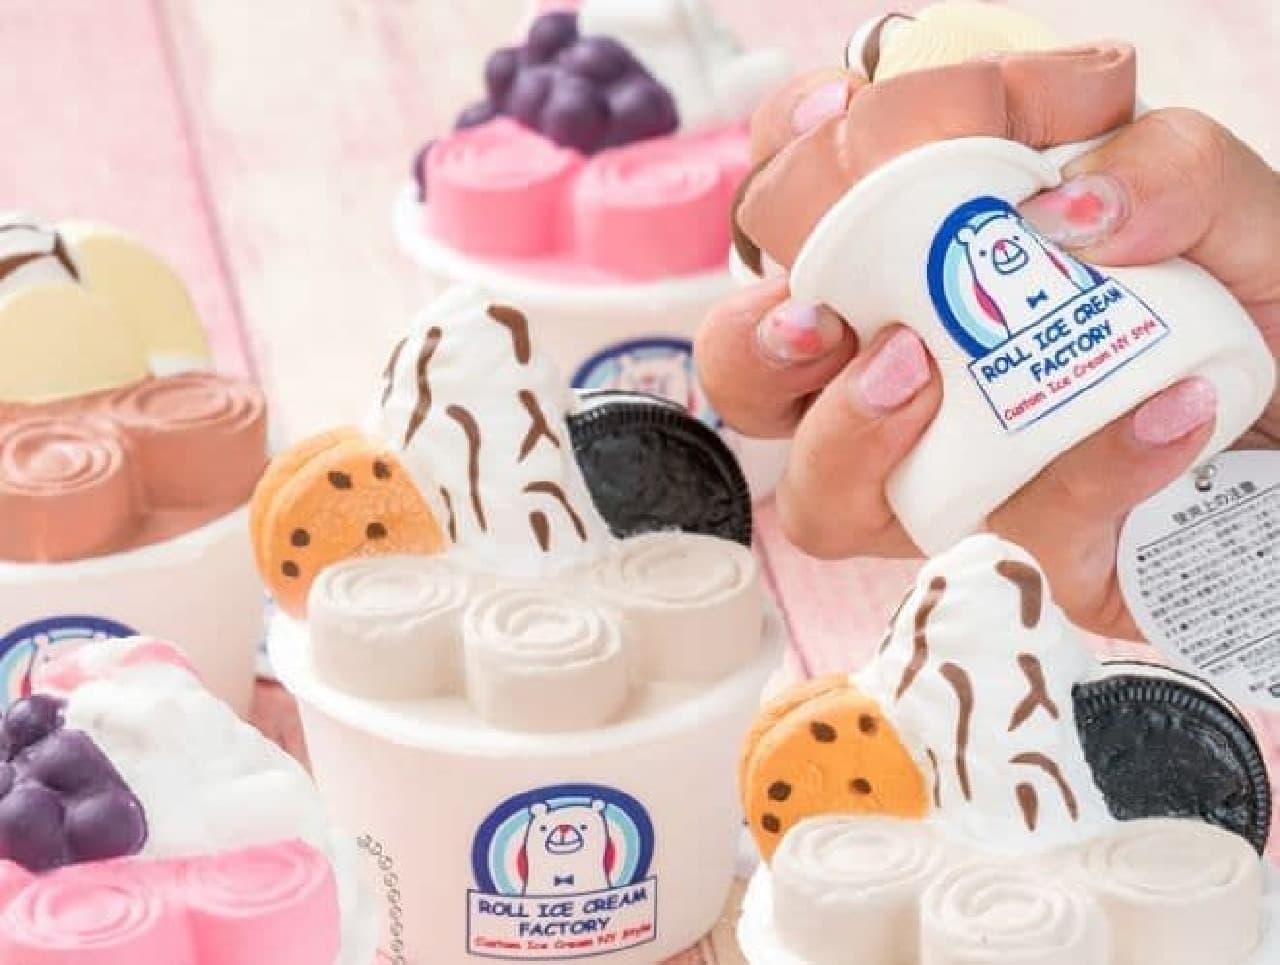 「ROLL ICE CREAM FACTORY(ロールアイスクリームファクトリー)」のスクイーズ